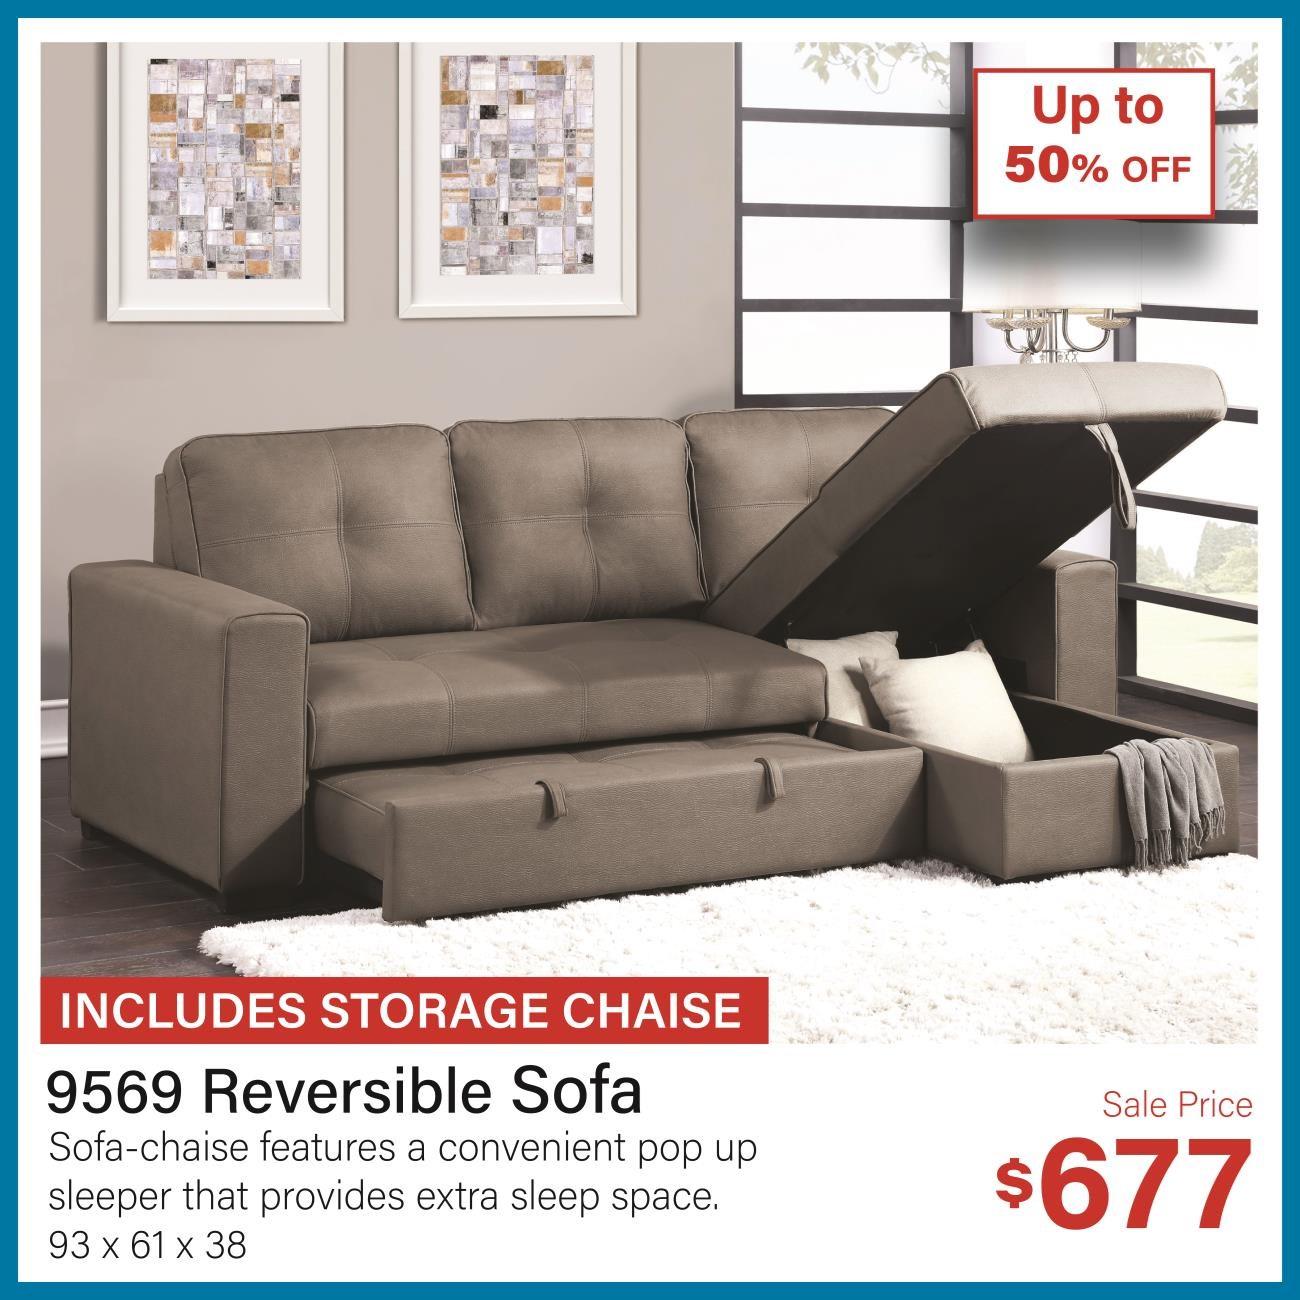 9569 Reversible sofa